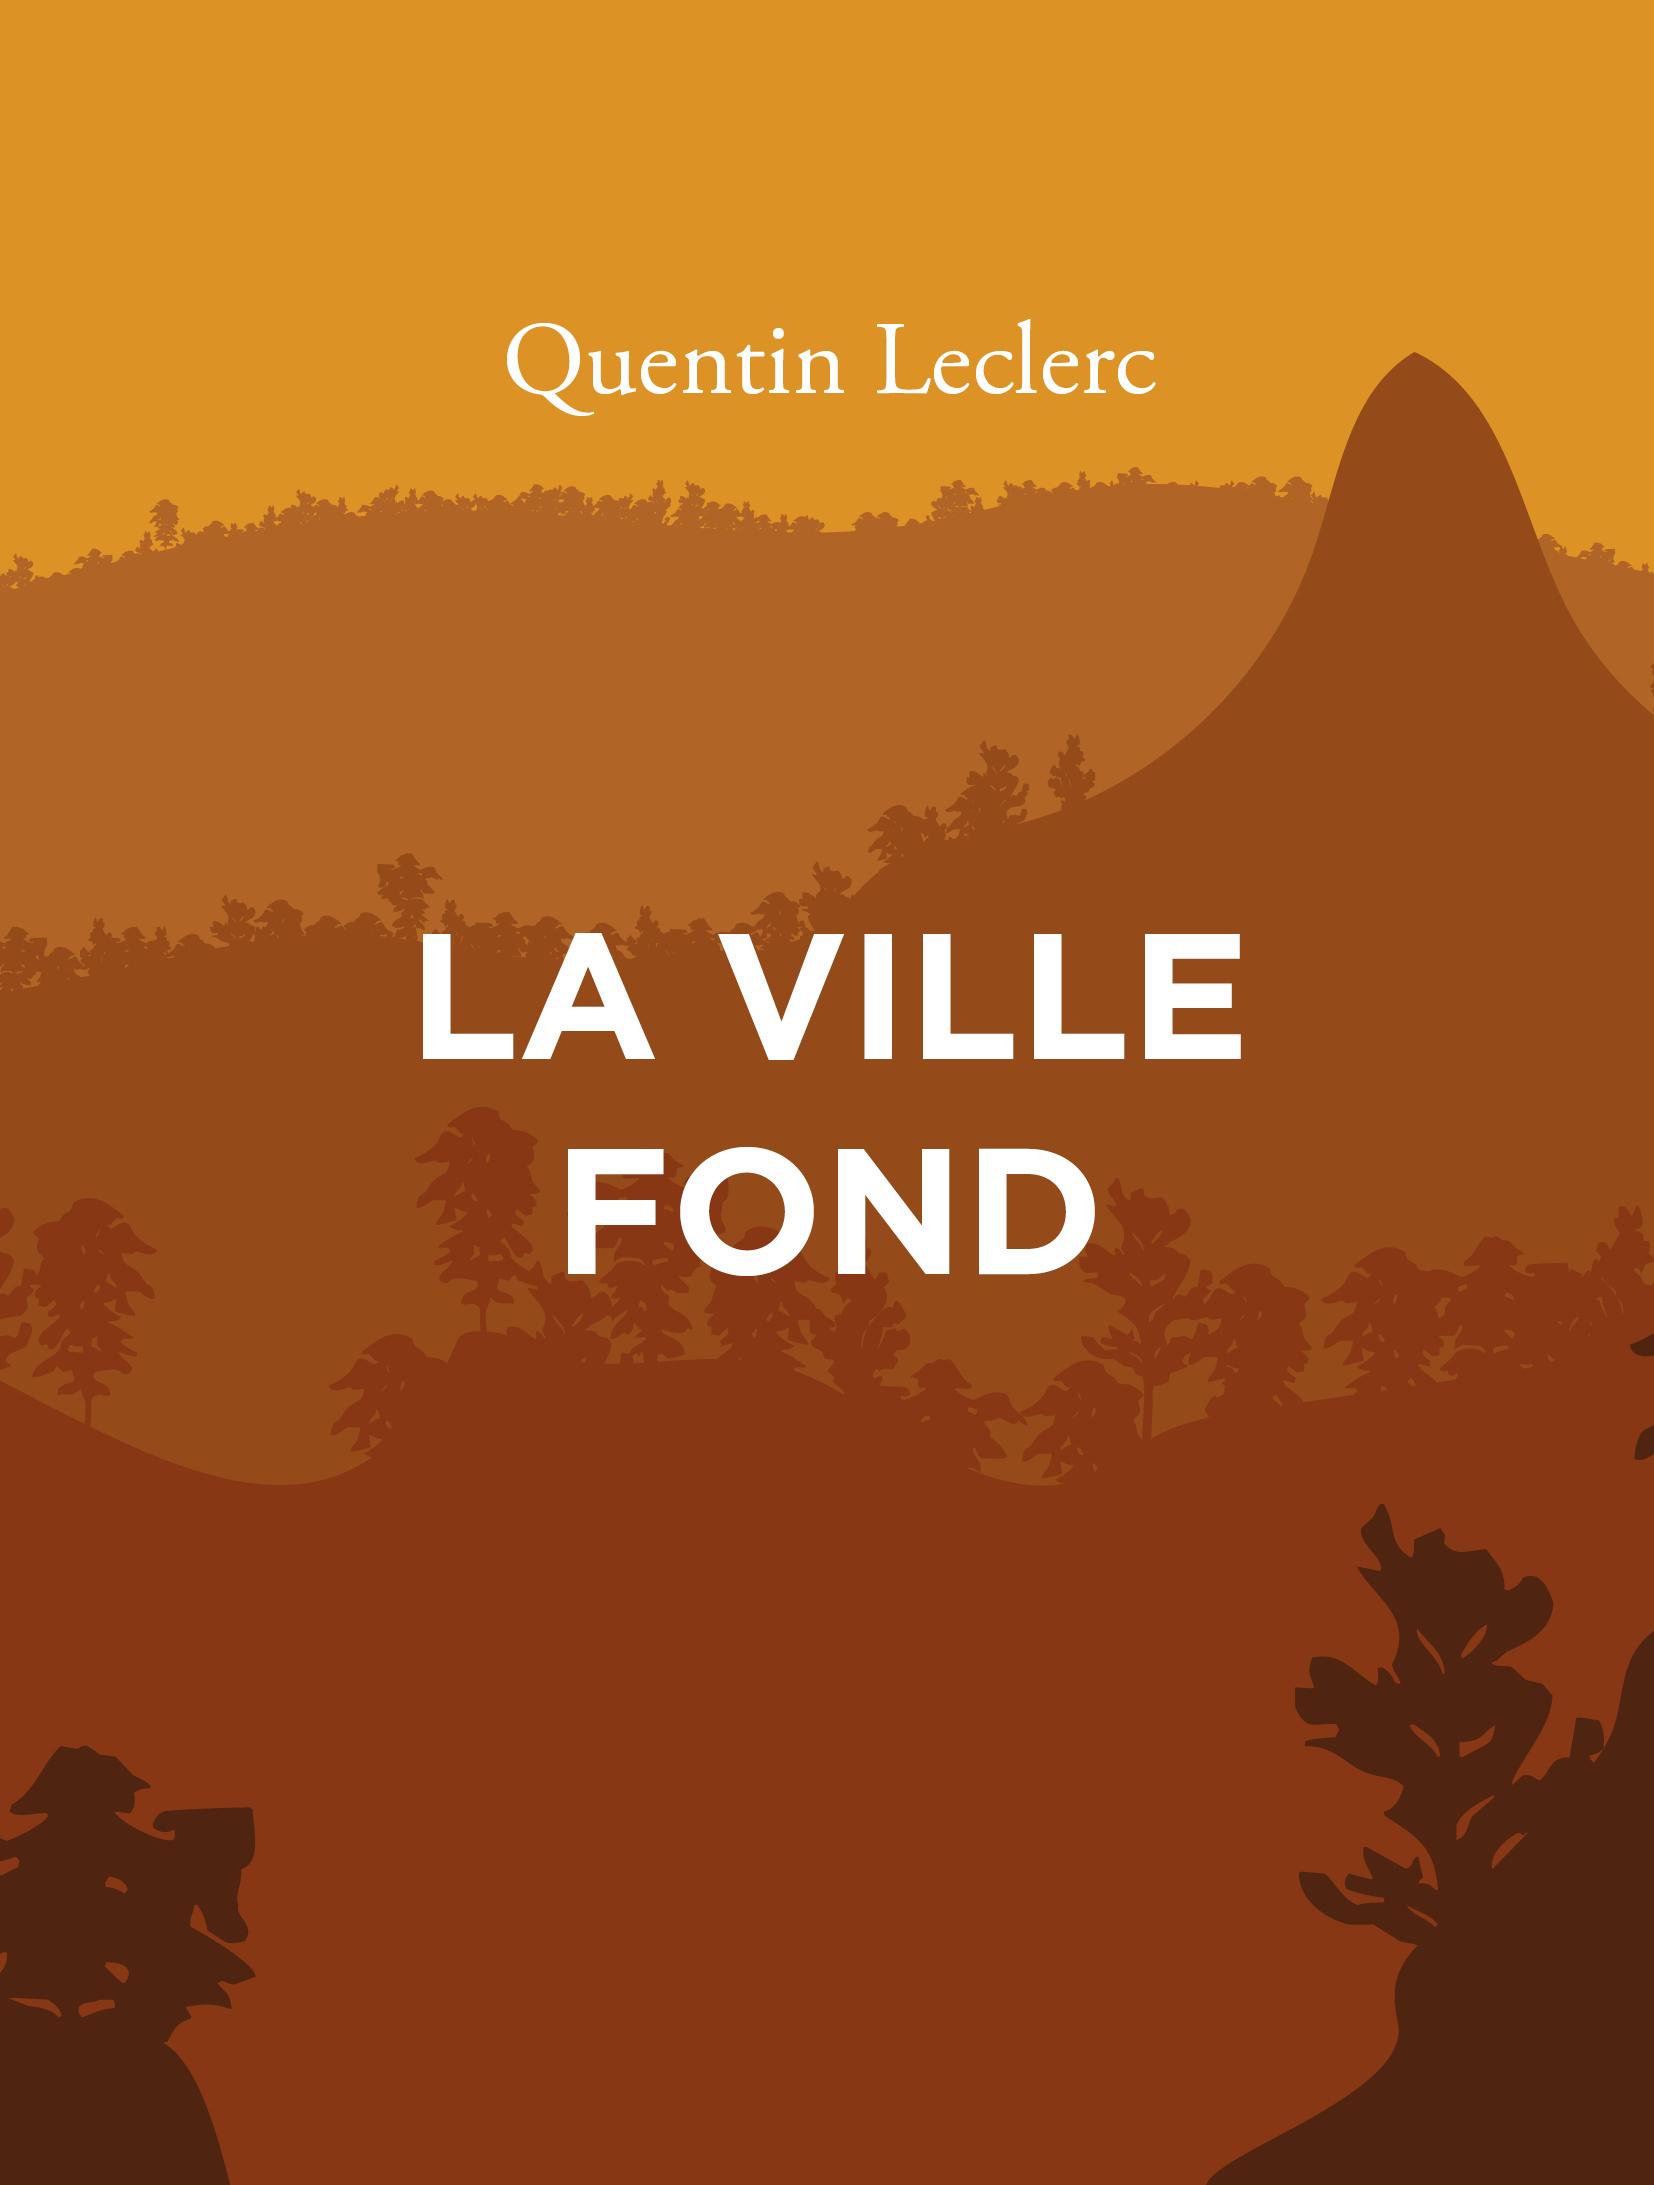 Rencontre avec Quentin Leclerc pour La ville fond aux éditions de l'Ogre @ Librairie L'Esprit Livre | Lyon | Auvergne-Rhône-Alpes | France